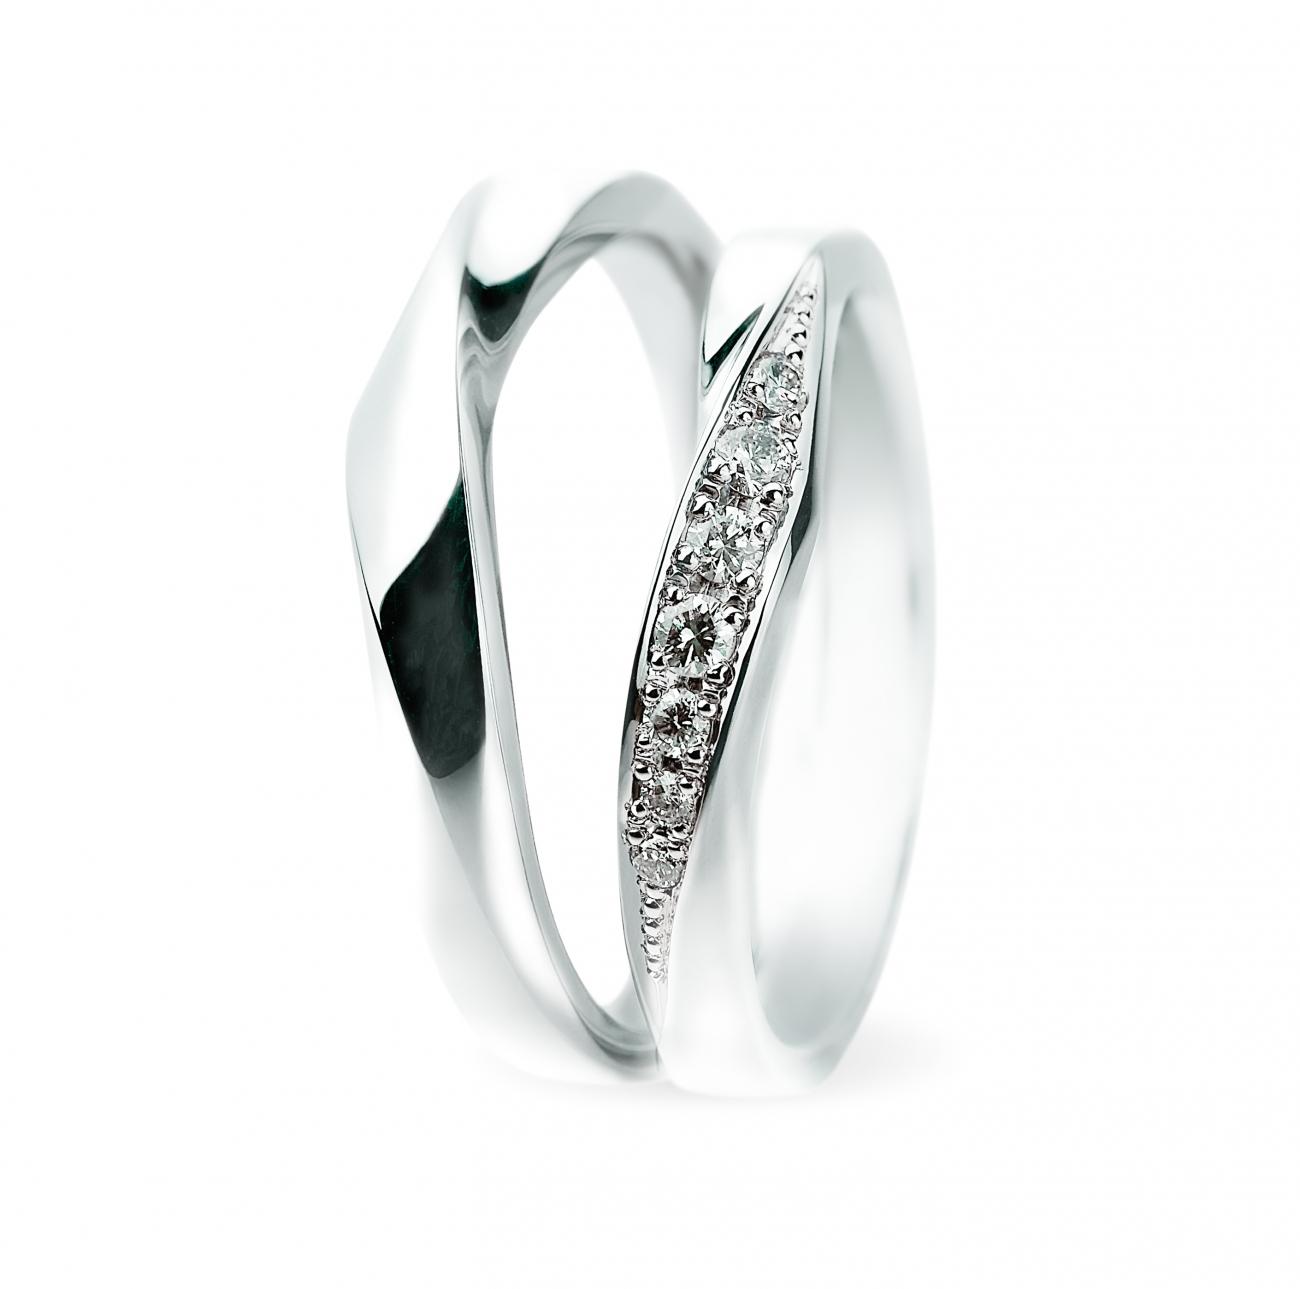 新潟でシンプルでかっこいいかわいい結婚指輪マリッジリングを選ぶならSomething blueサムシングブルーの取り扱いのあるBROOCHブローチ